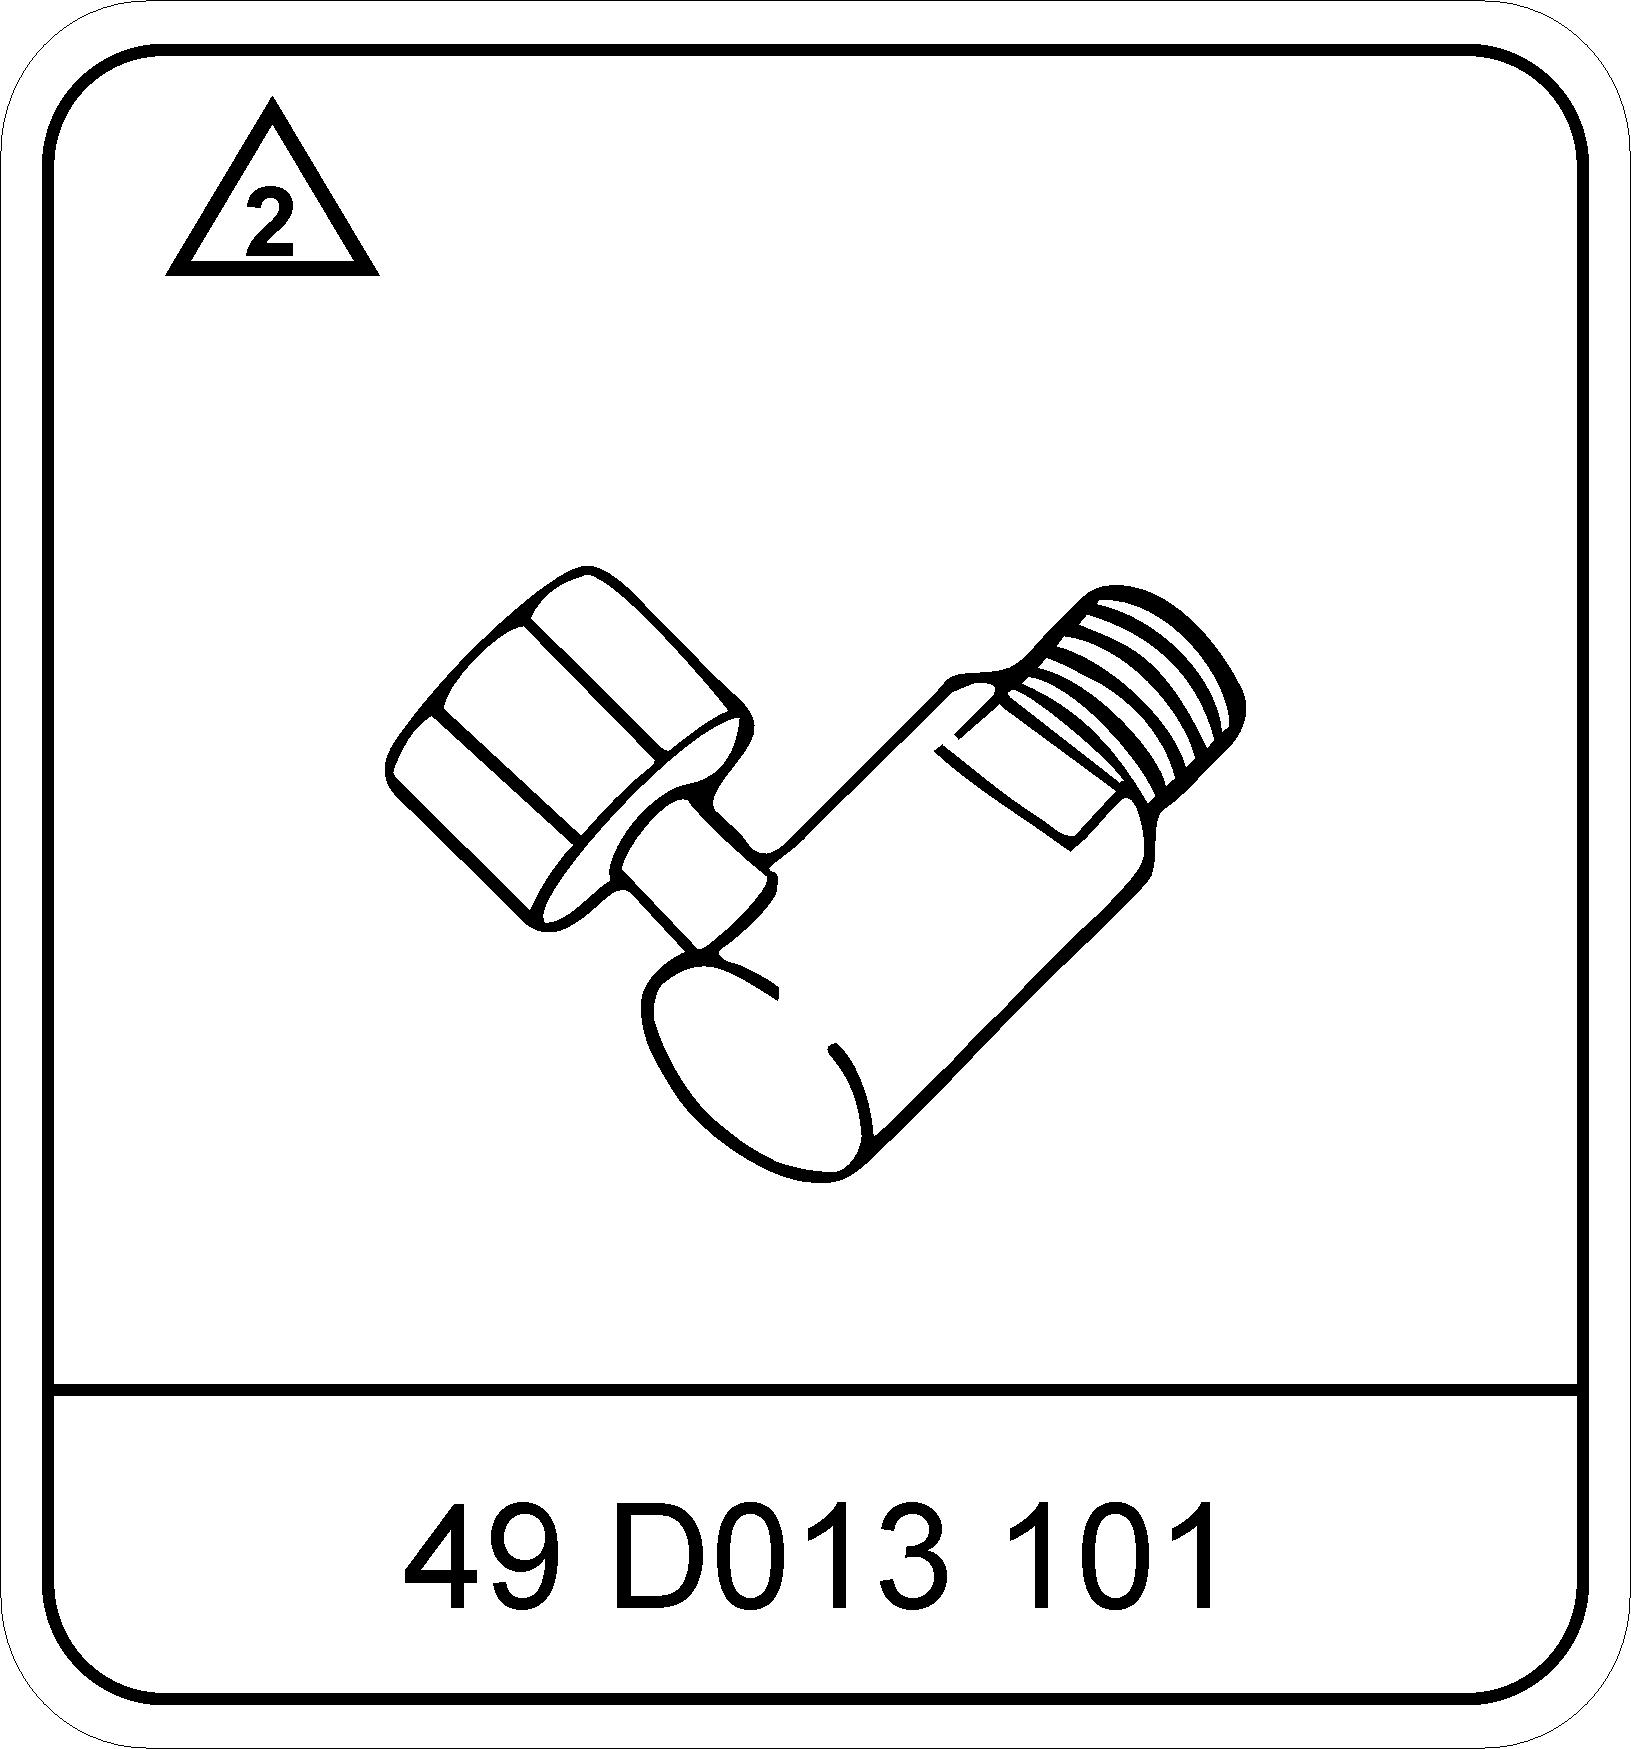 49-d013-101.png